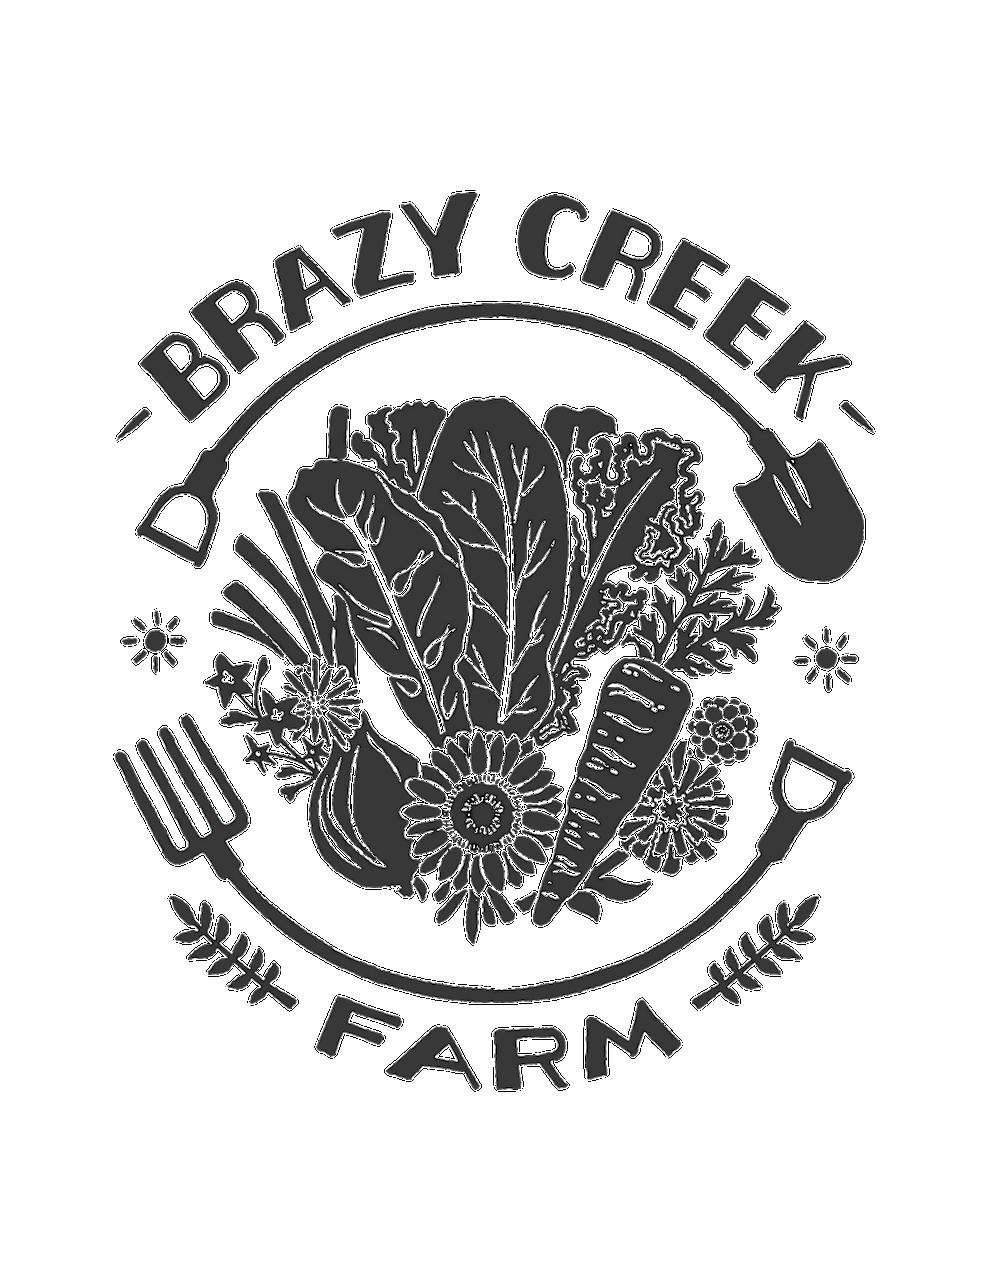 Brazy Creek Farm